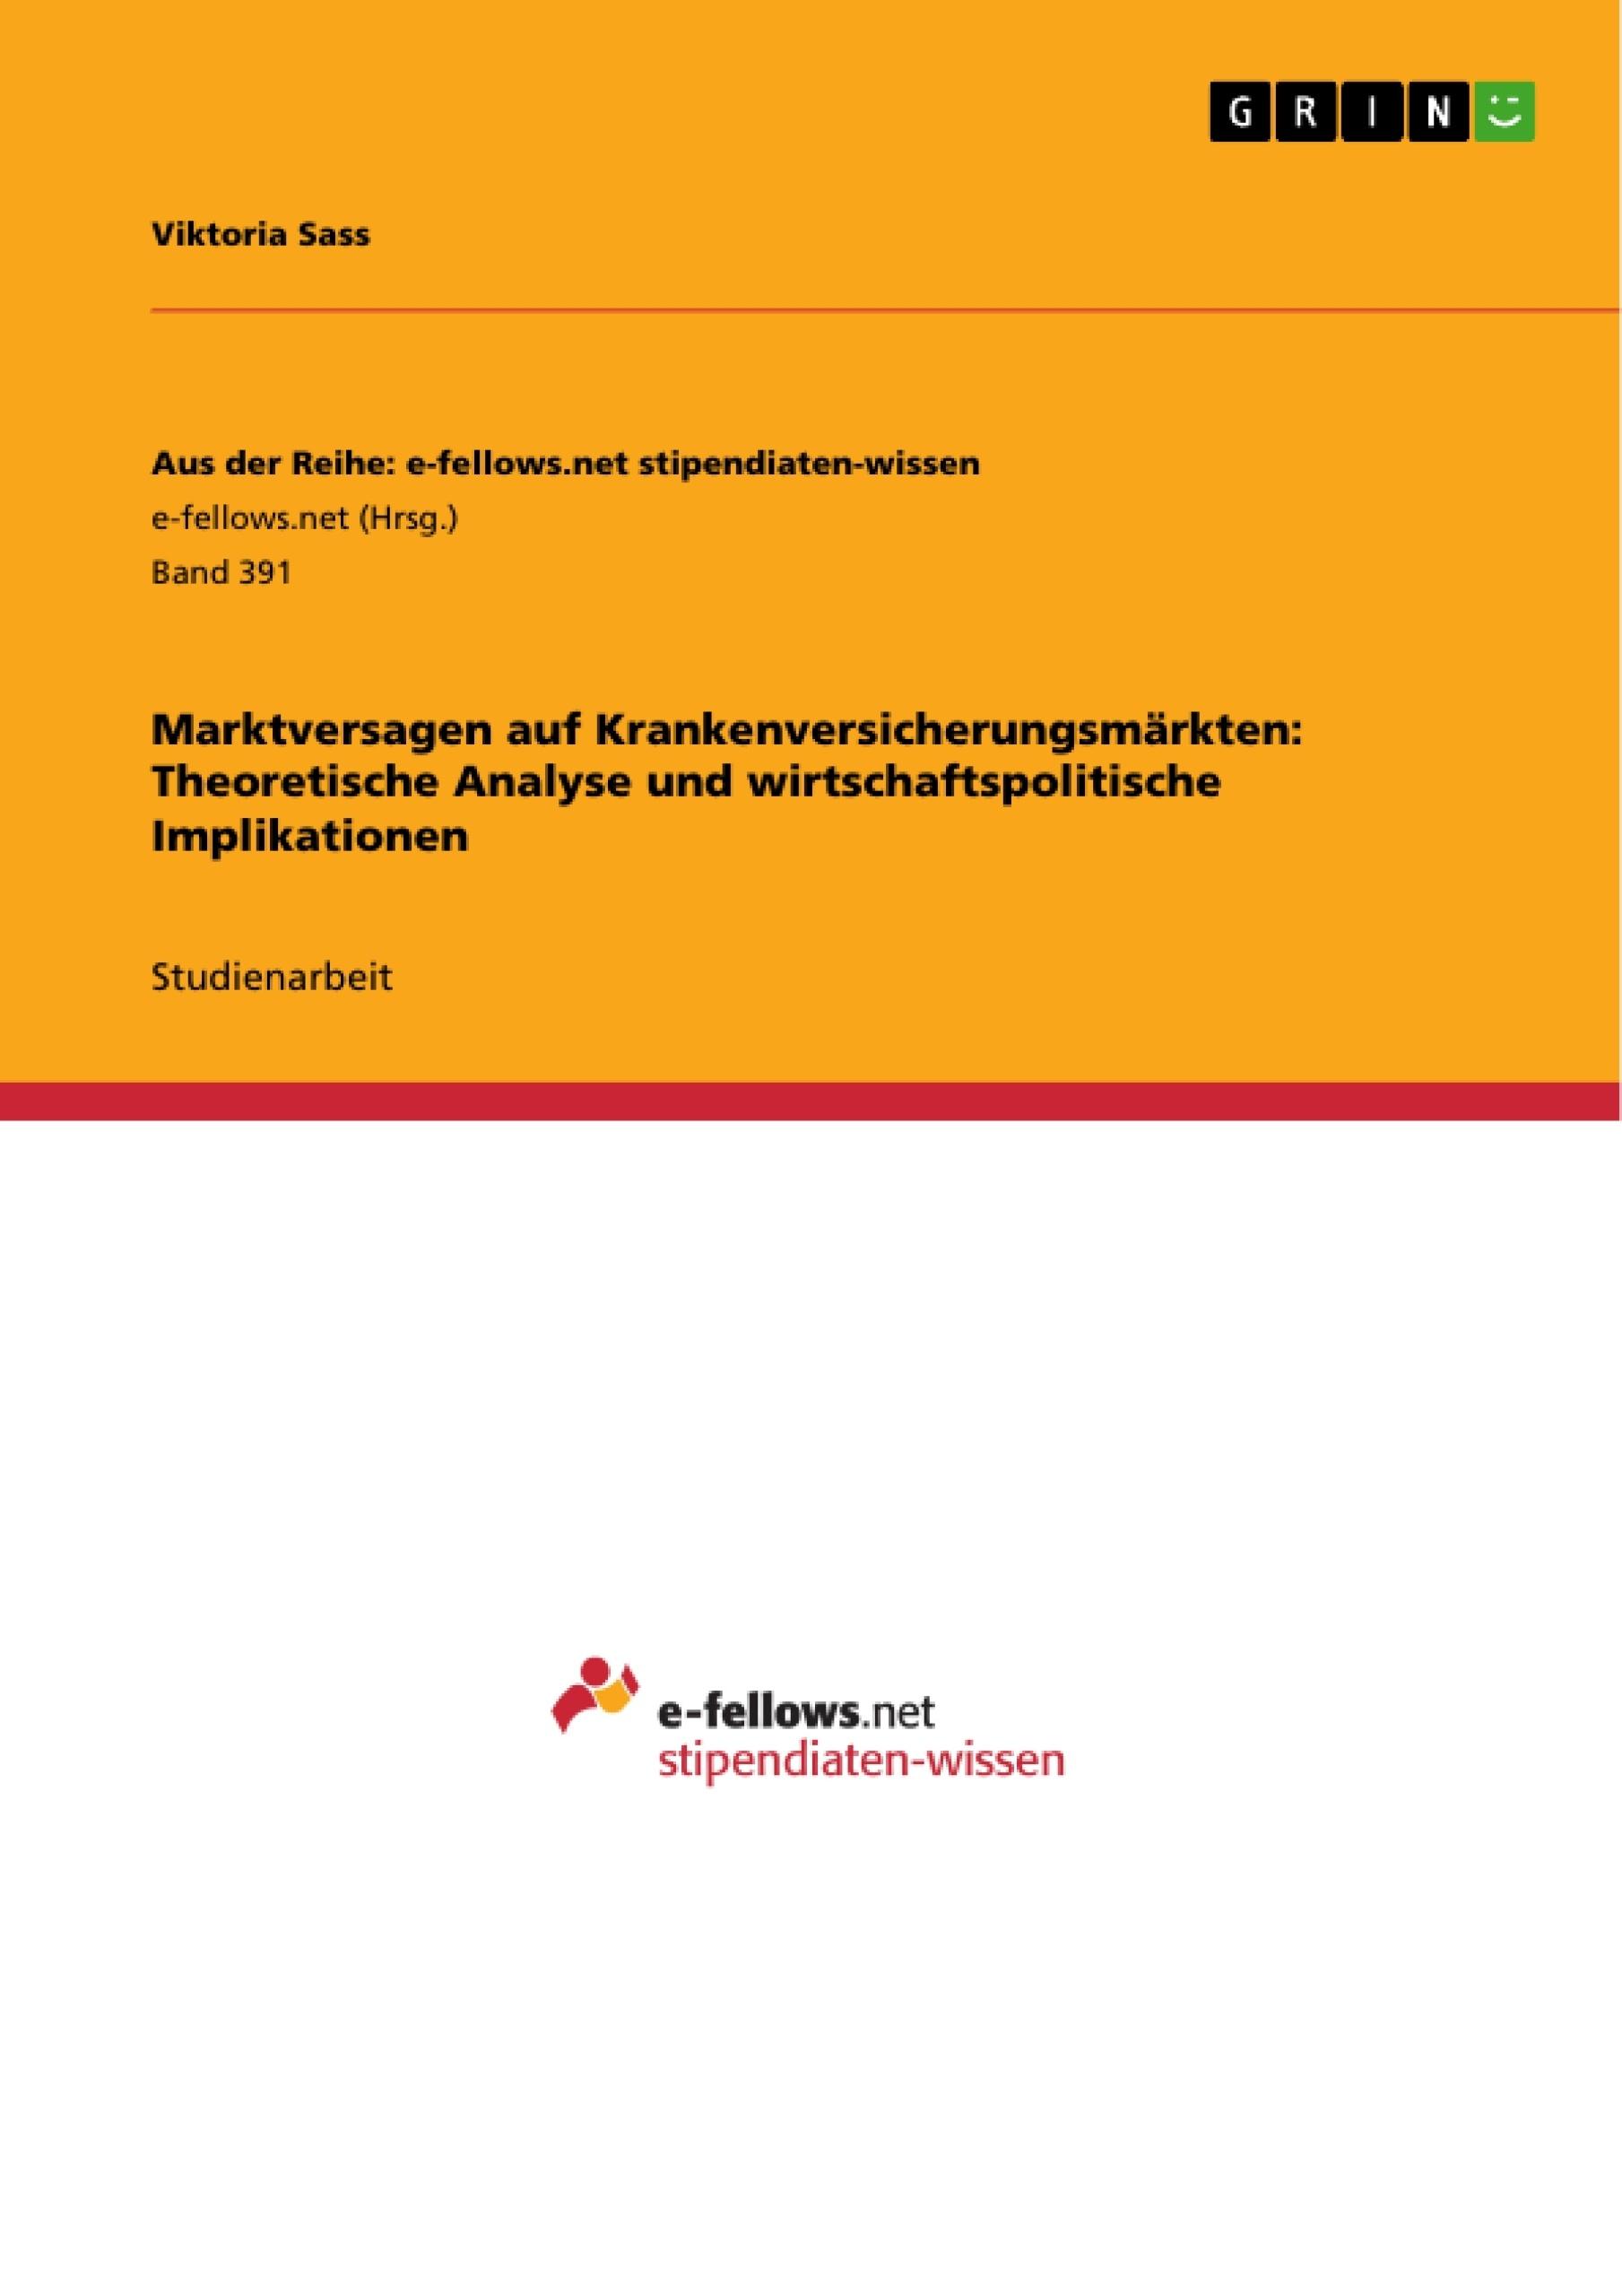 Titel: Marktversagen auf Krankenversicherungsmärkten: Theoretische Analyse und wirtschaftspolitische Implikationen